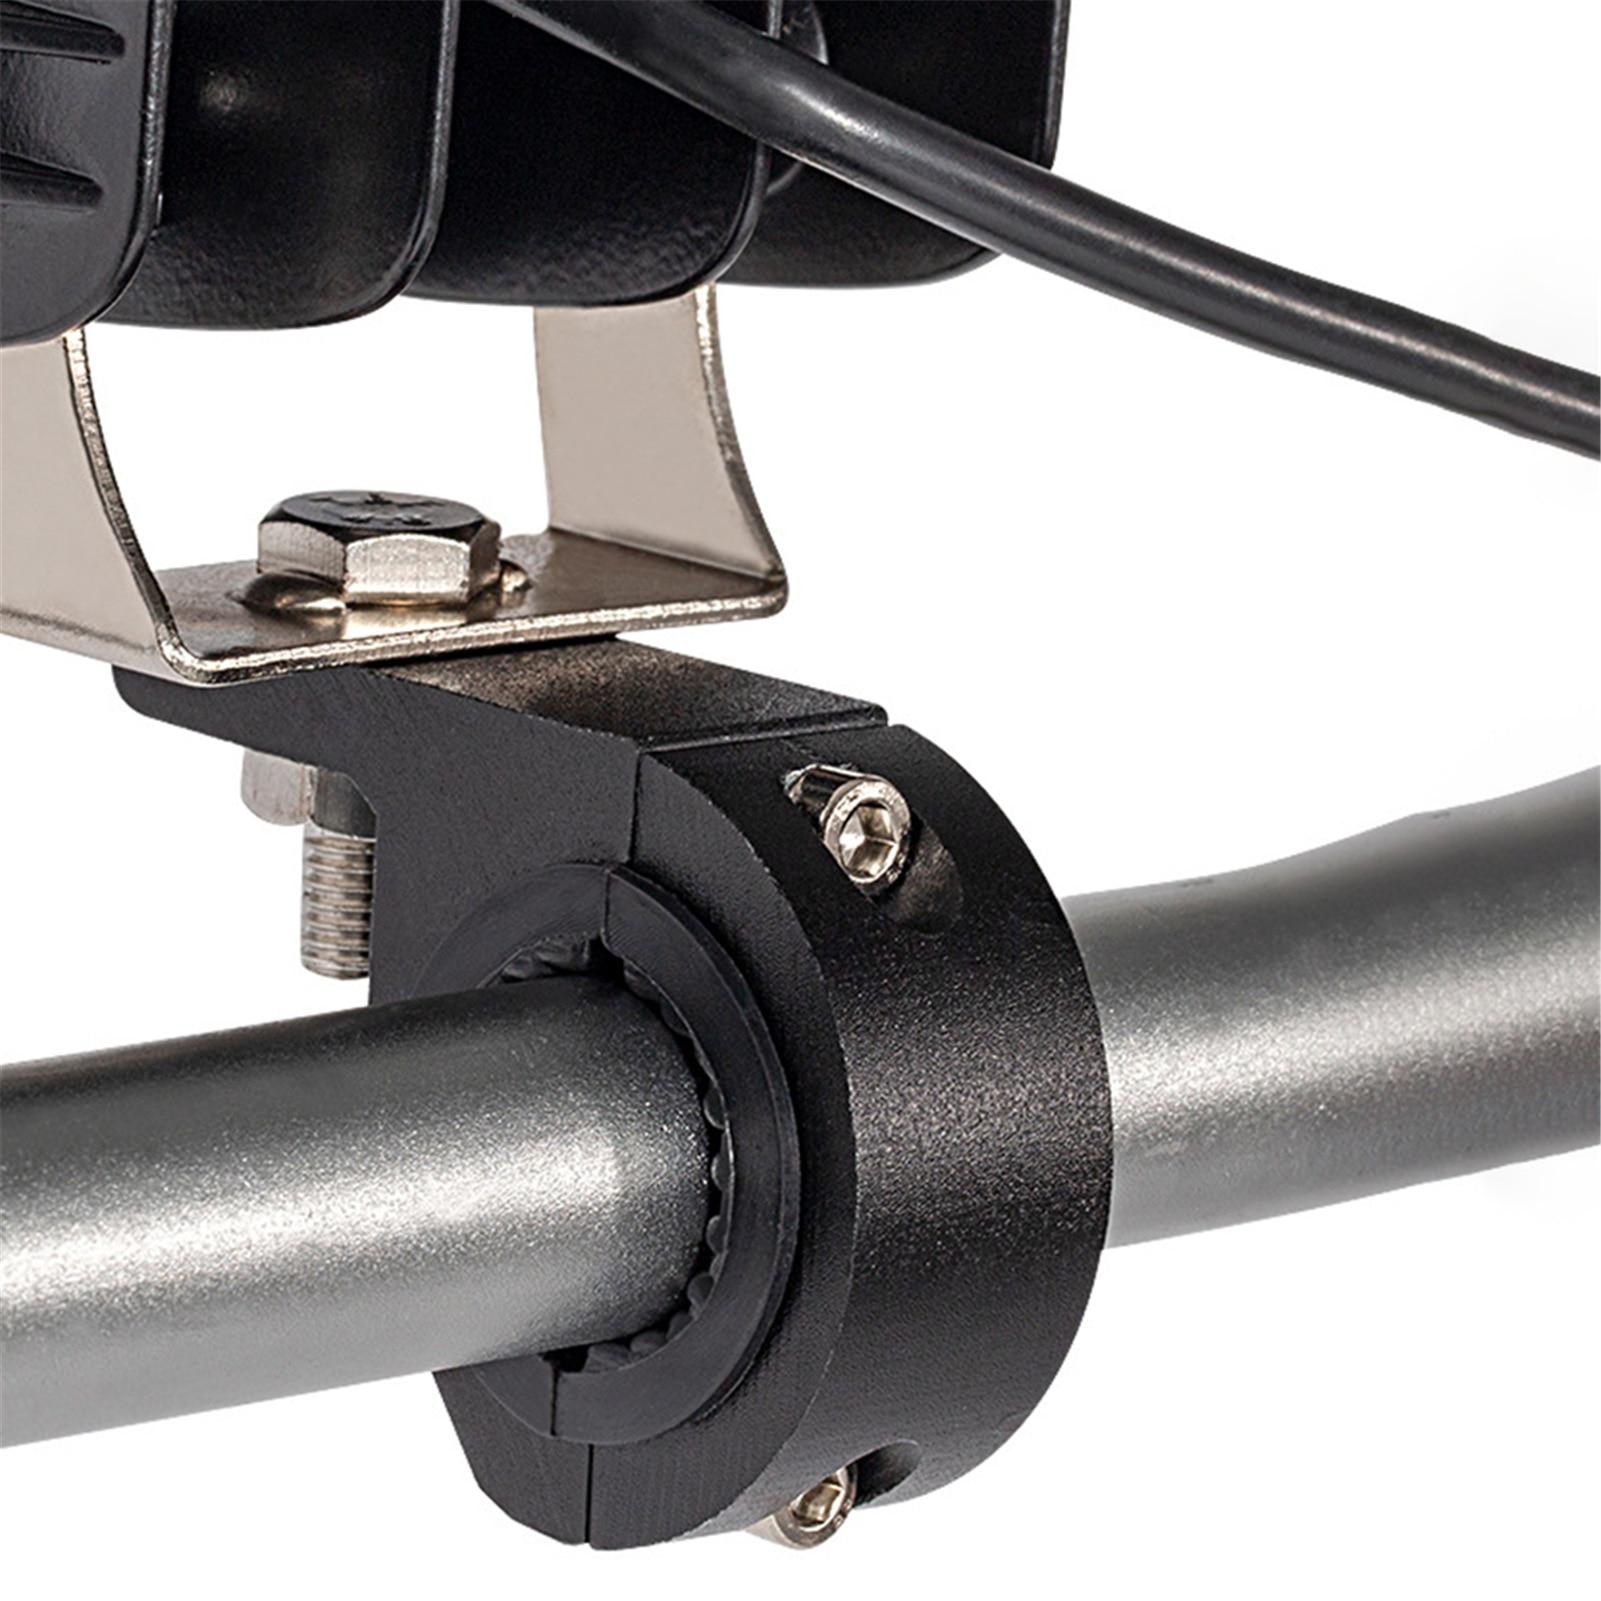 Kit de montage de pinces à Tube Anti-oxydation pour moto, support de barre lumineuse LED pour phare antibrouillard, accessoires de motocyclette